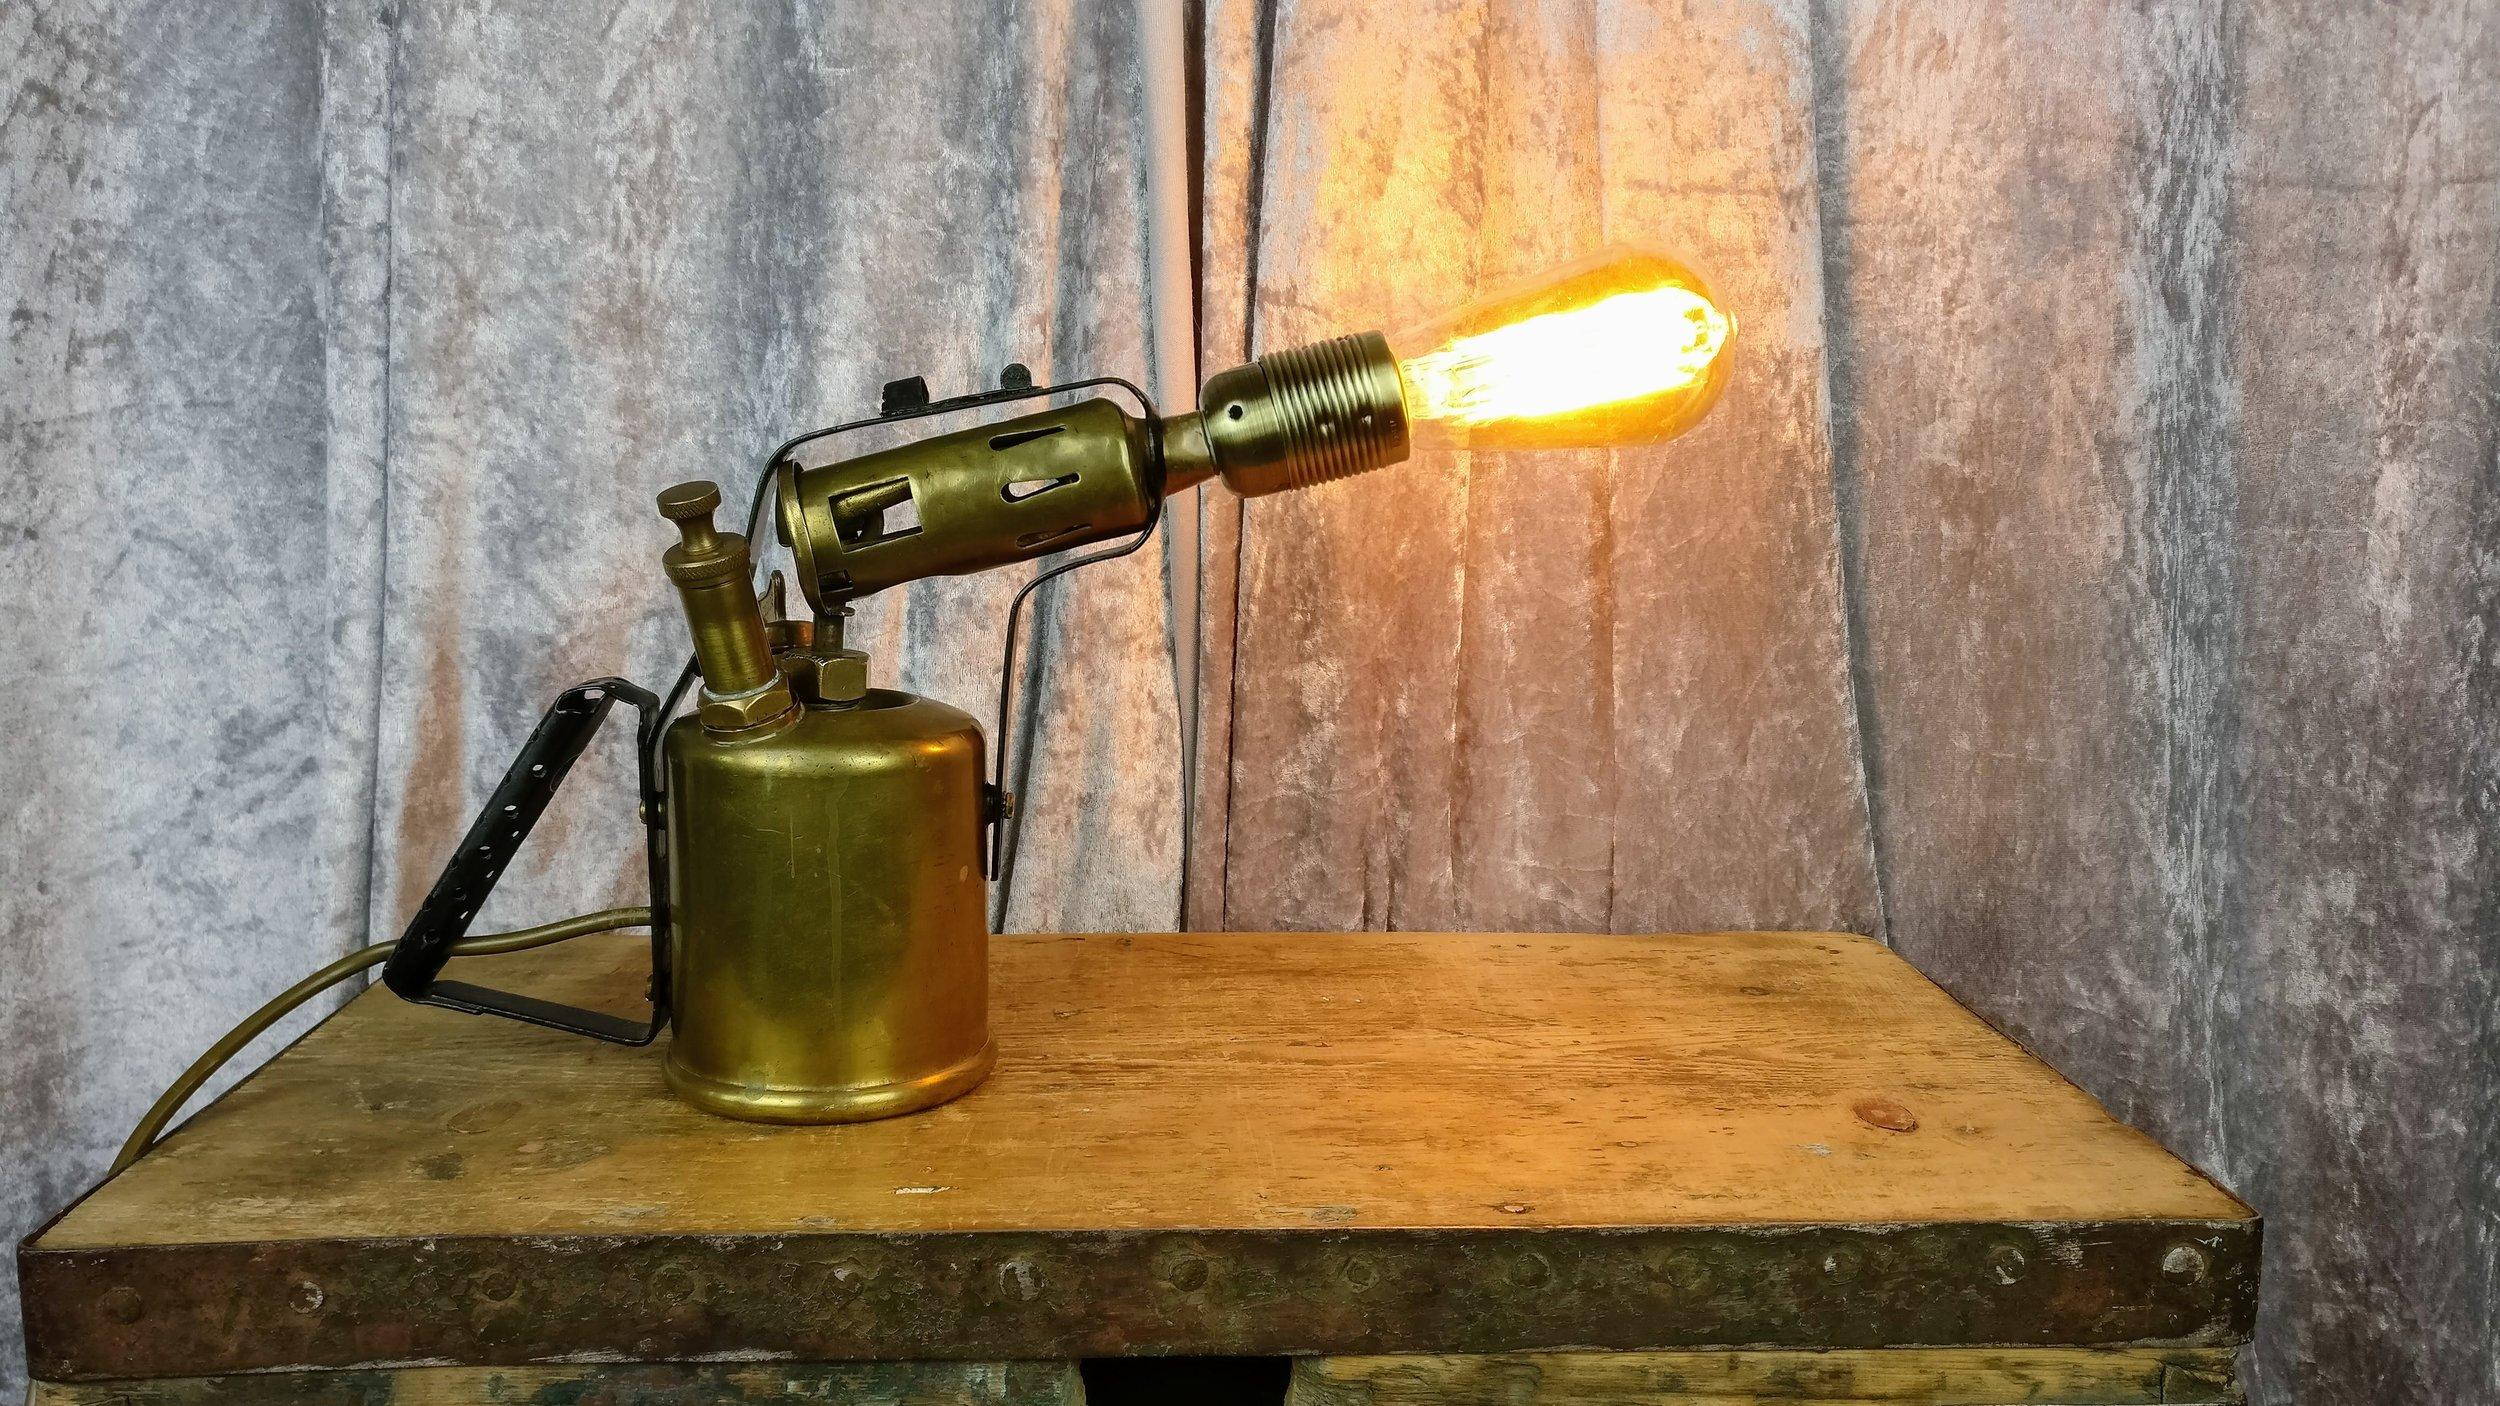 Gas Burner Lamp